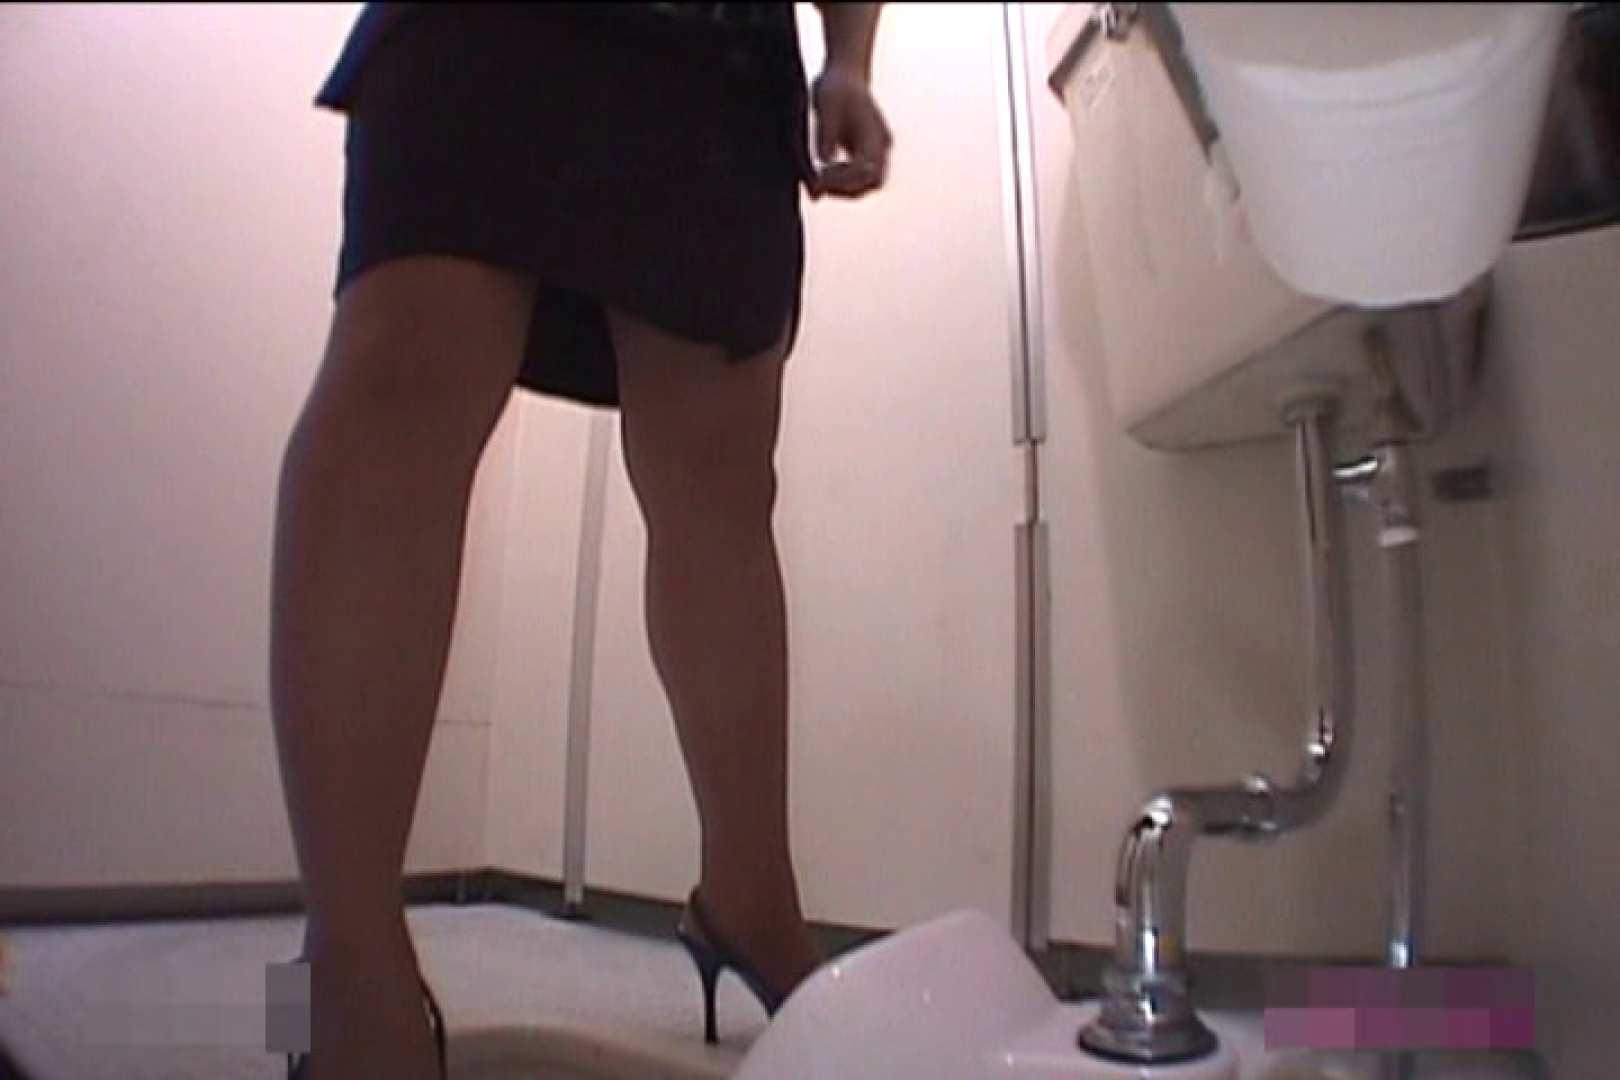 女性達の個室内心理学入門編Vol.2 洗面所突入 ワレメ動画紹介 79pic 71